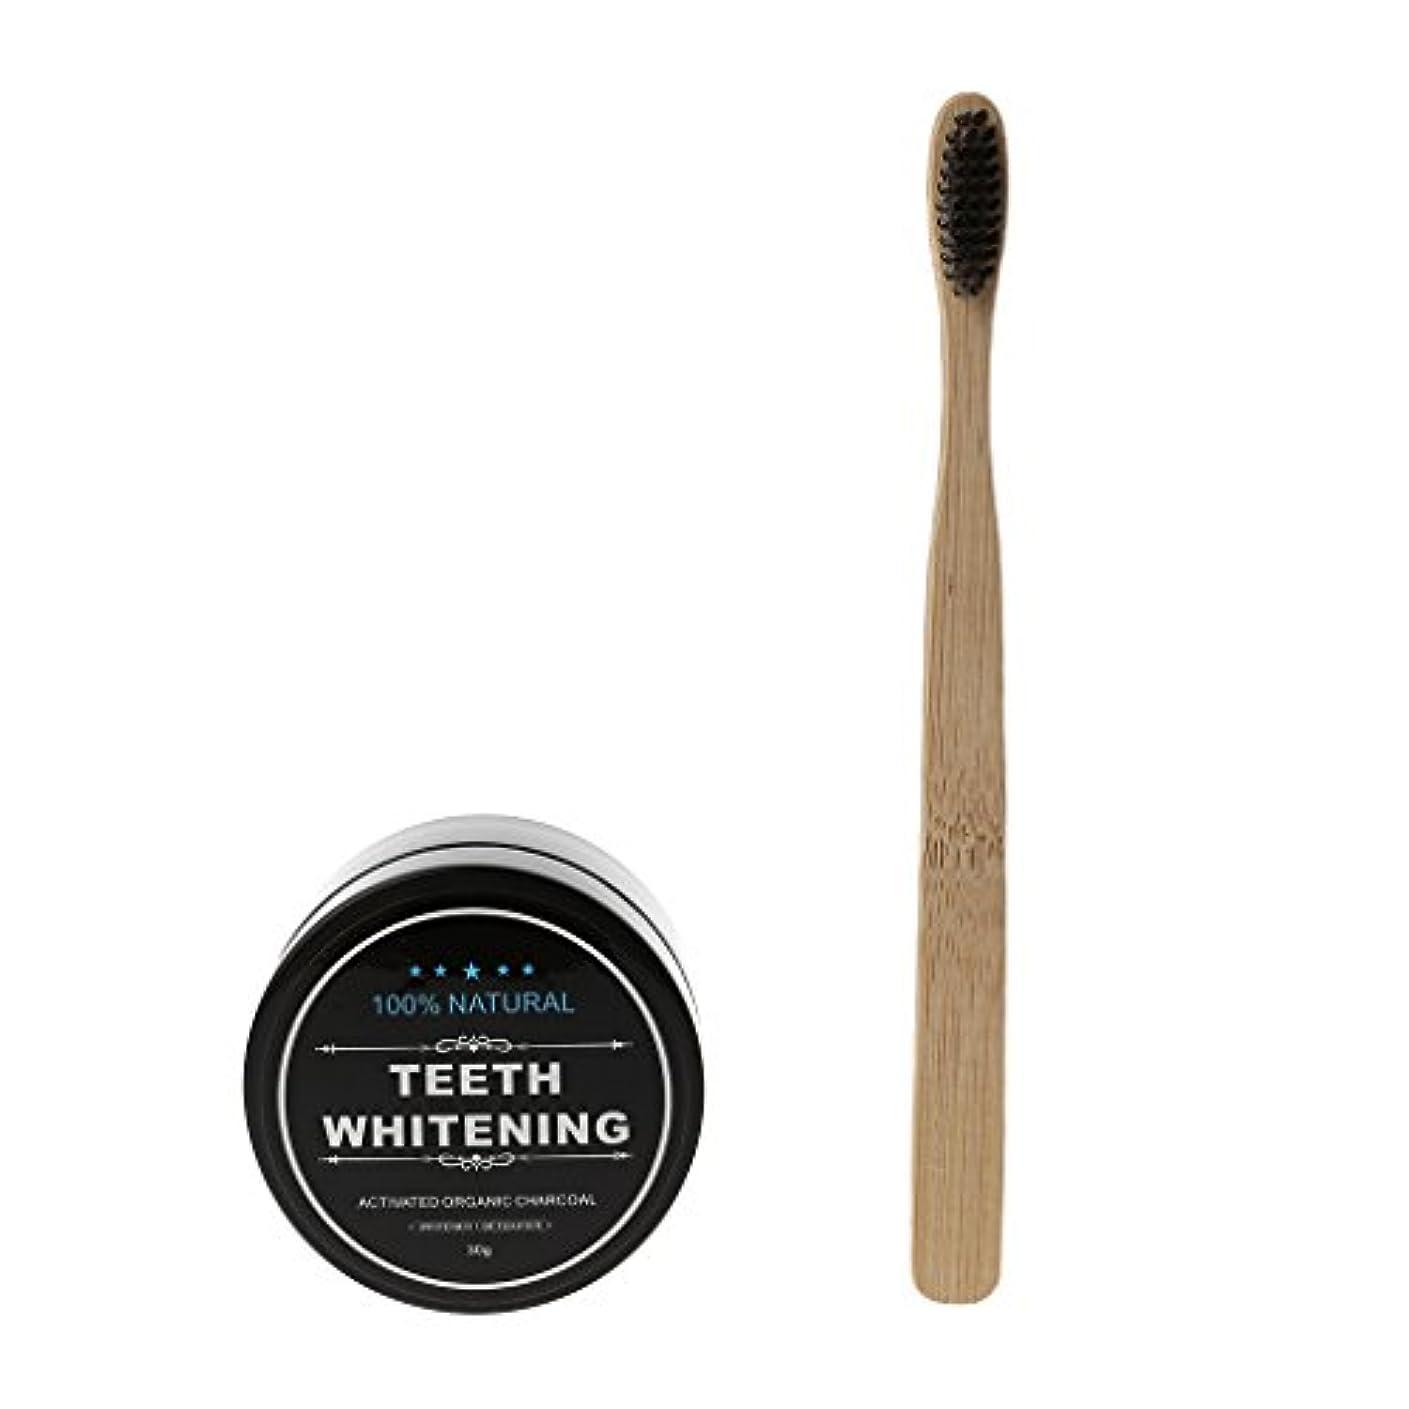 とんでもない毎週冷蔵するJAGETRADEバンブーホワイトニング歯のパウダーオーガニックは、木炭の練り歯磨き&歯ブラシシルバーを活性化する